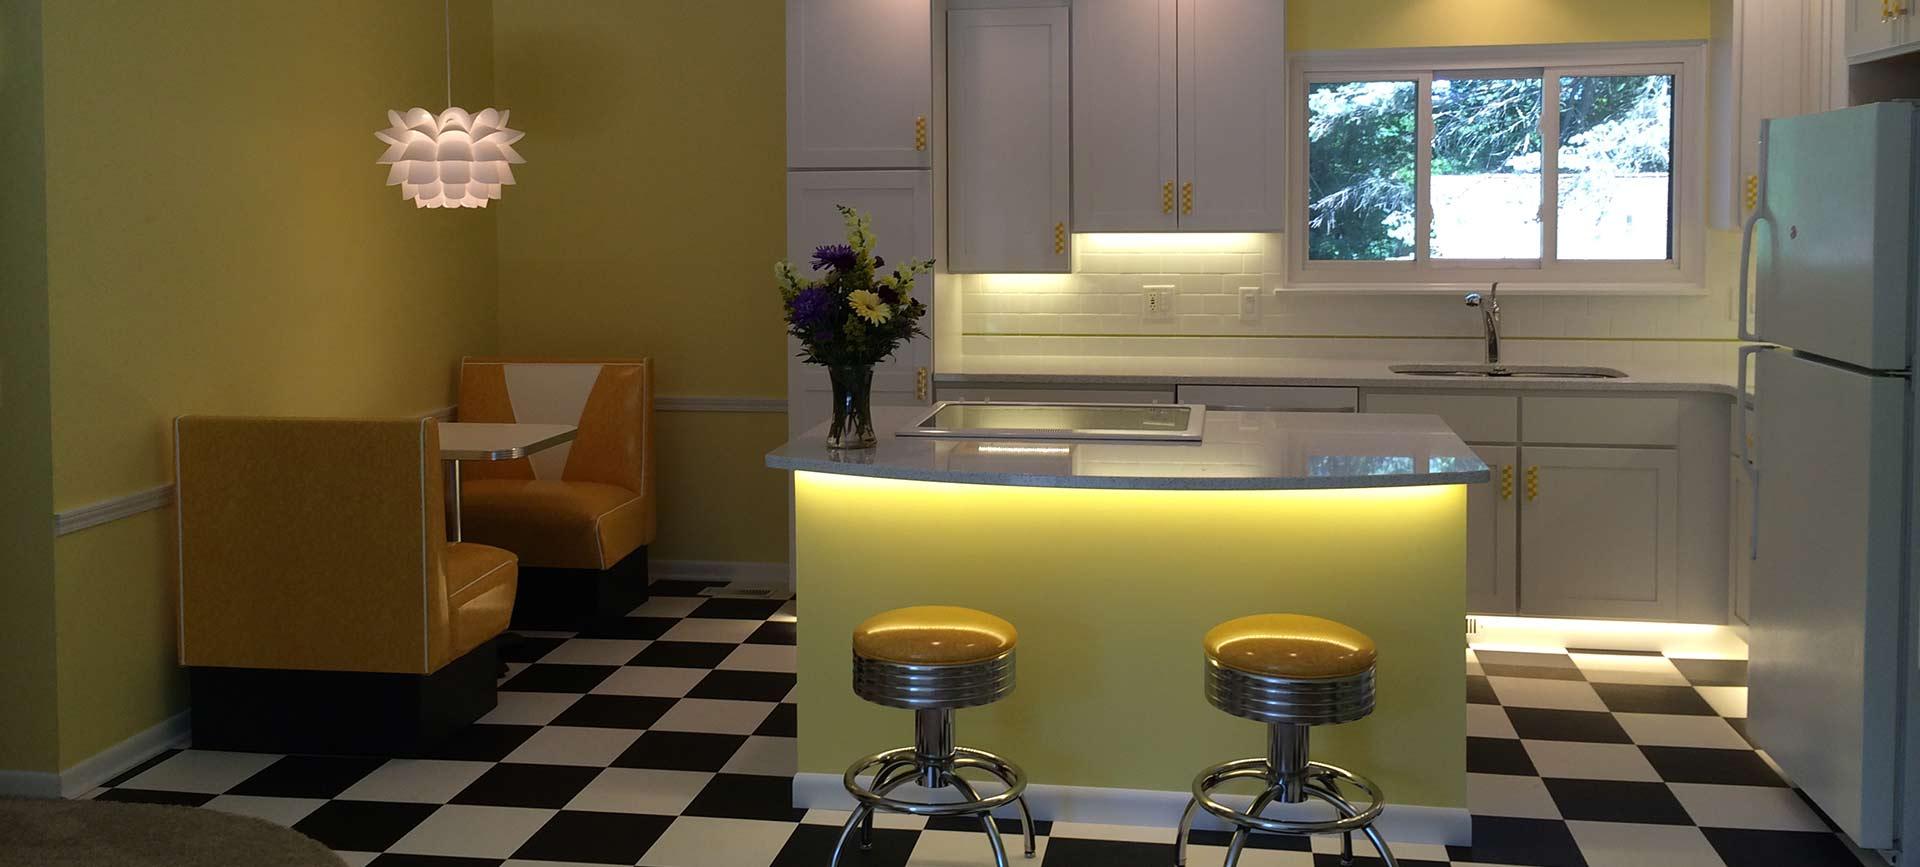 Scholten Kitchen And Bath